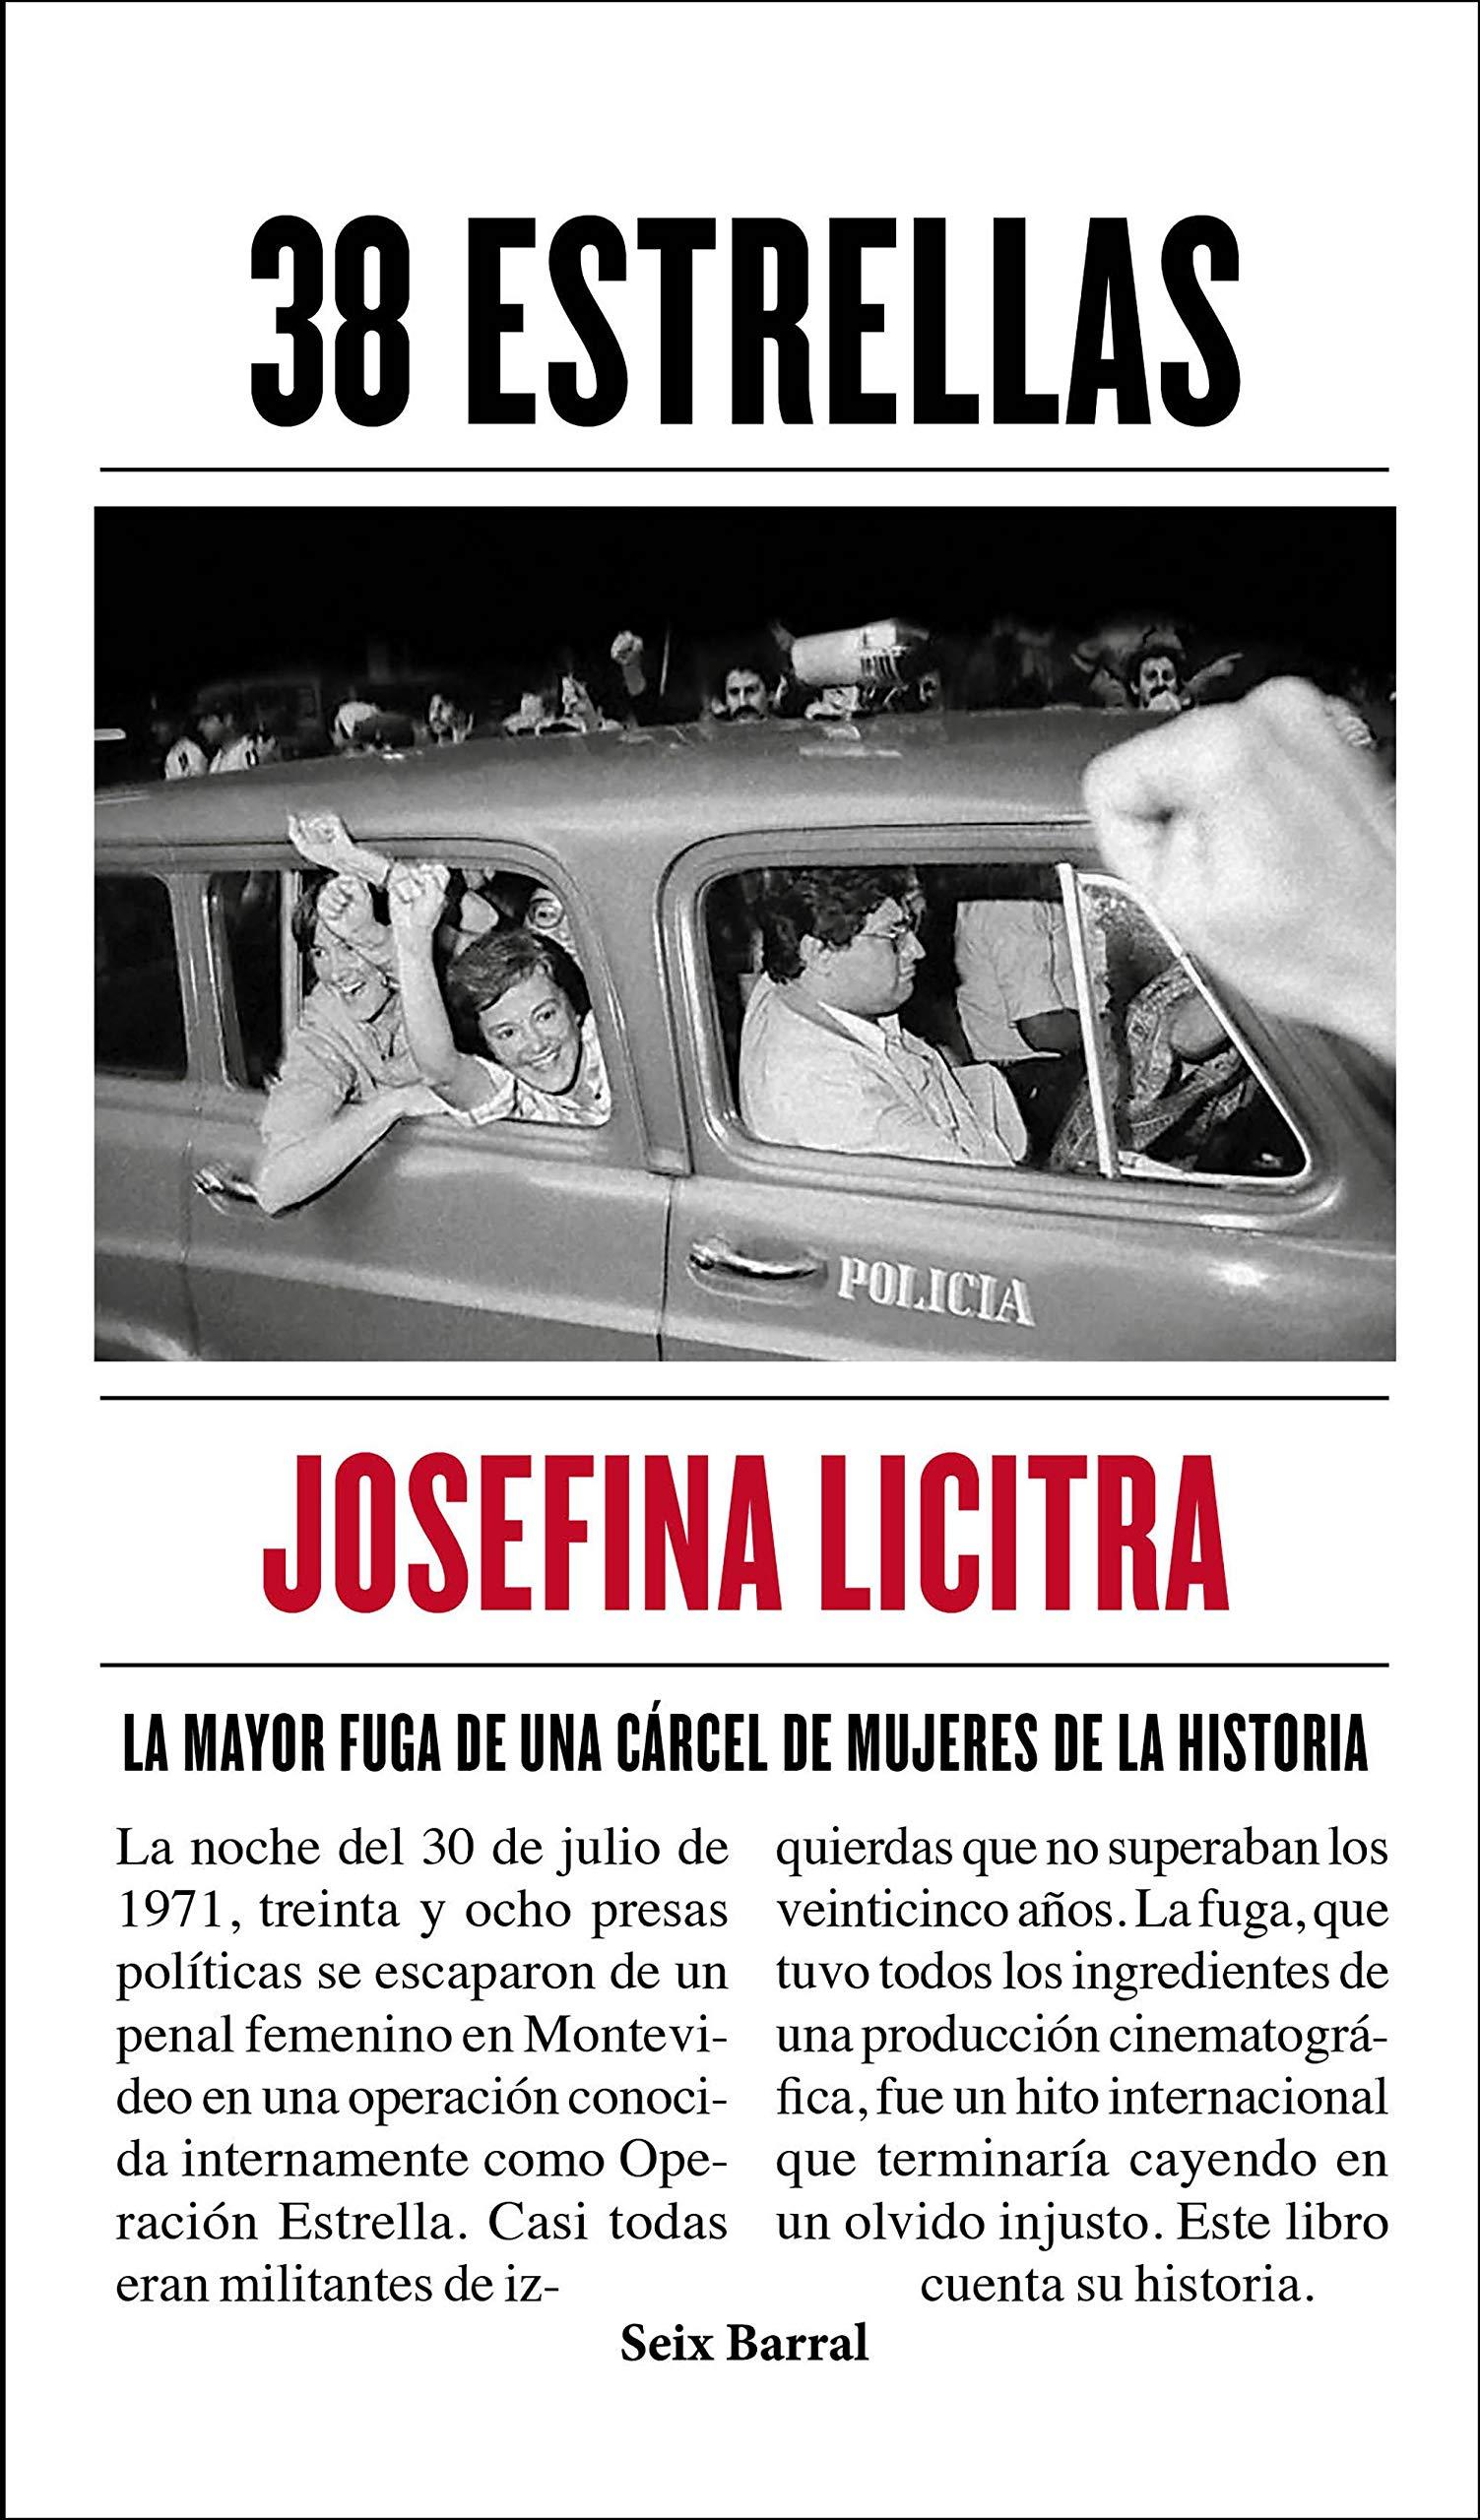 38 estrellas: La mayor fuga de una cárcel de mujeres de la historia Los Tres Mundos: Amazon.es: Licitra, Josefina: Libros